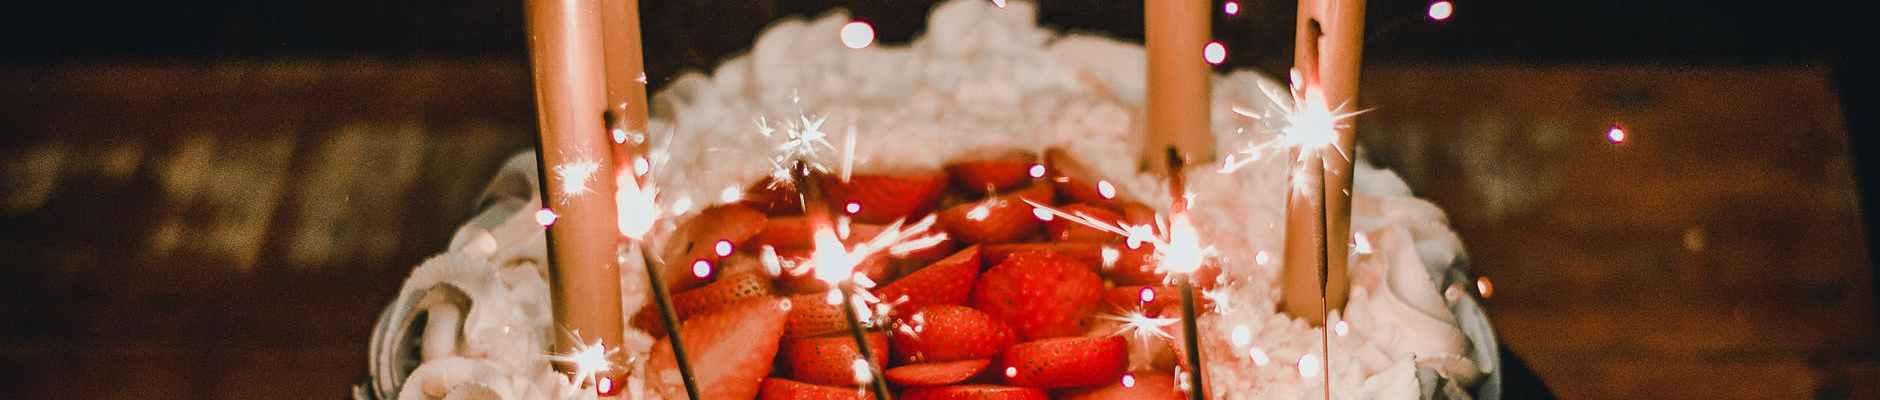 Evo što ću zaželjeti dok budem puhala u rođendanske svijeće ove subote